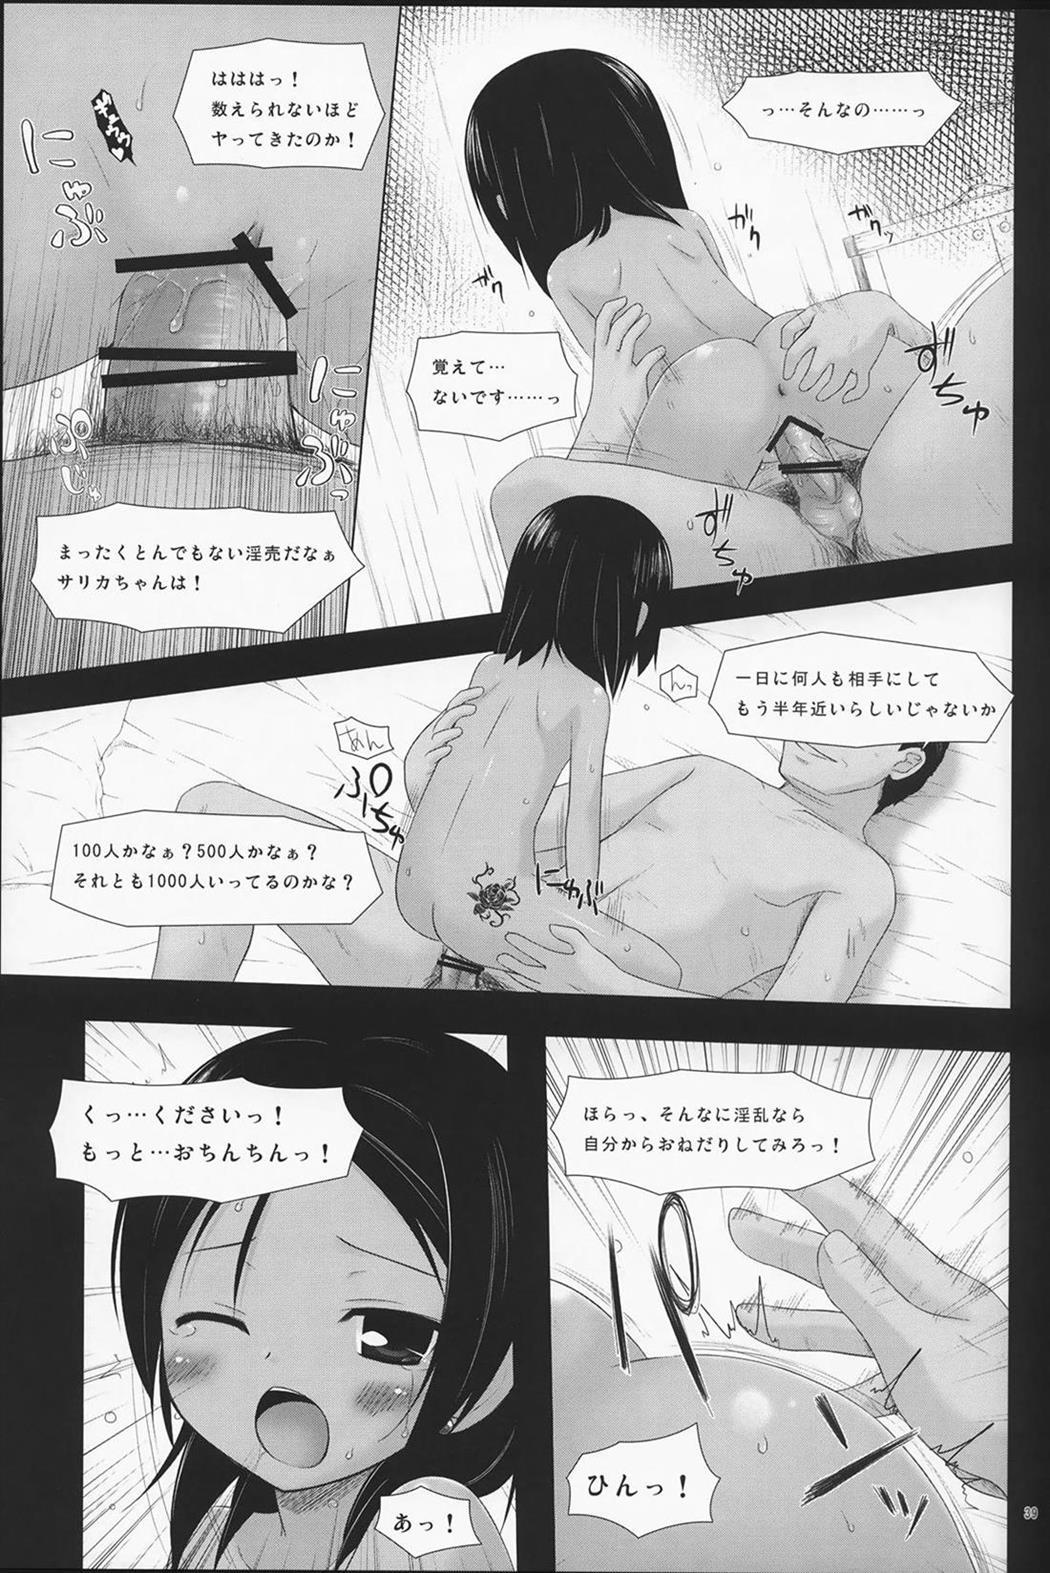 【エロ漫画・エロ同人誌】異国で父親に売られて売春する羽目になったロリ少女wひたすらお客とエッチしてる毎日を送ってたら日本人の男に助けられ日本に来てもセックス依存がぬけてないwww (39)